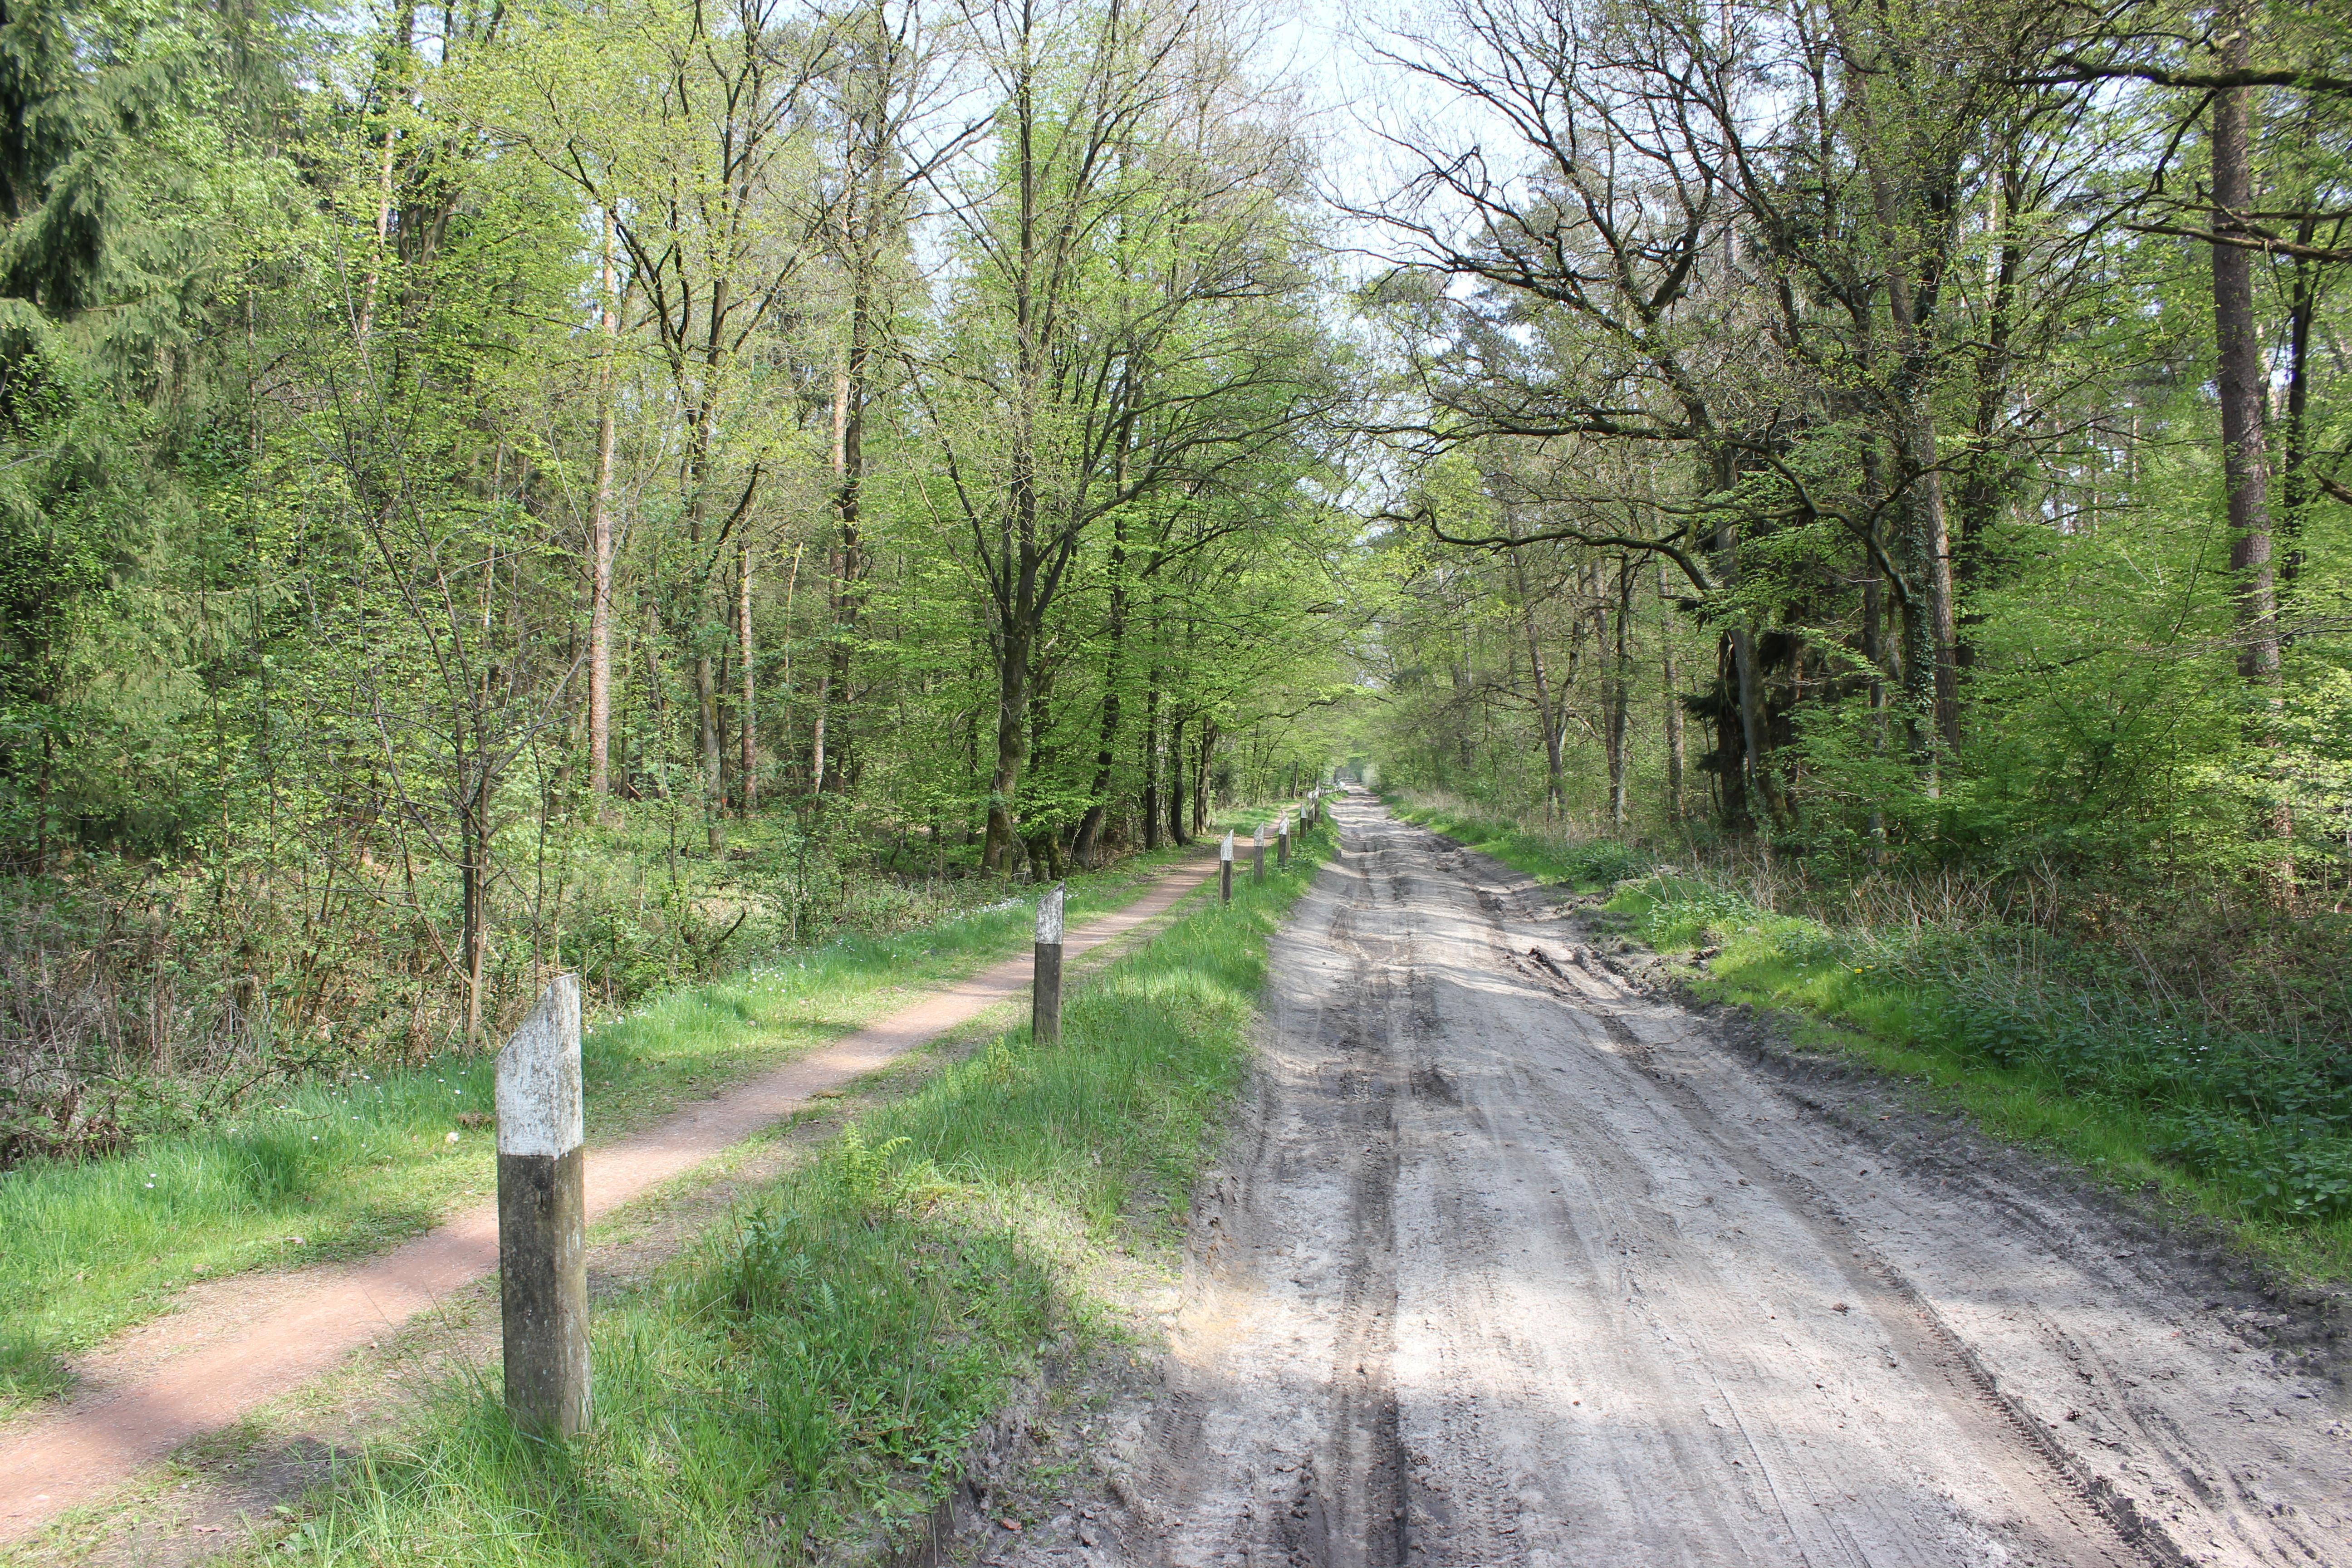 Leserfoto - Fahrradtour durch das Samerott: Nachbearbeitung schafft kein Motiv